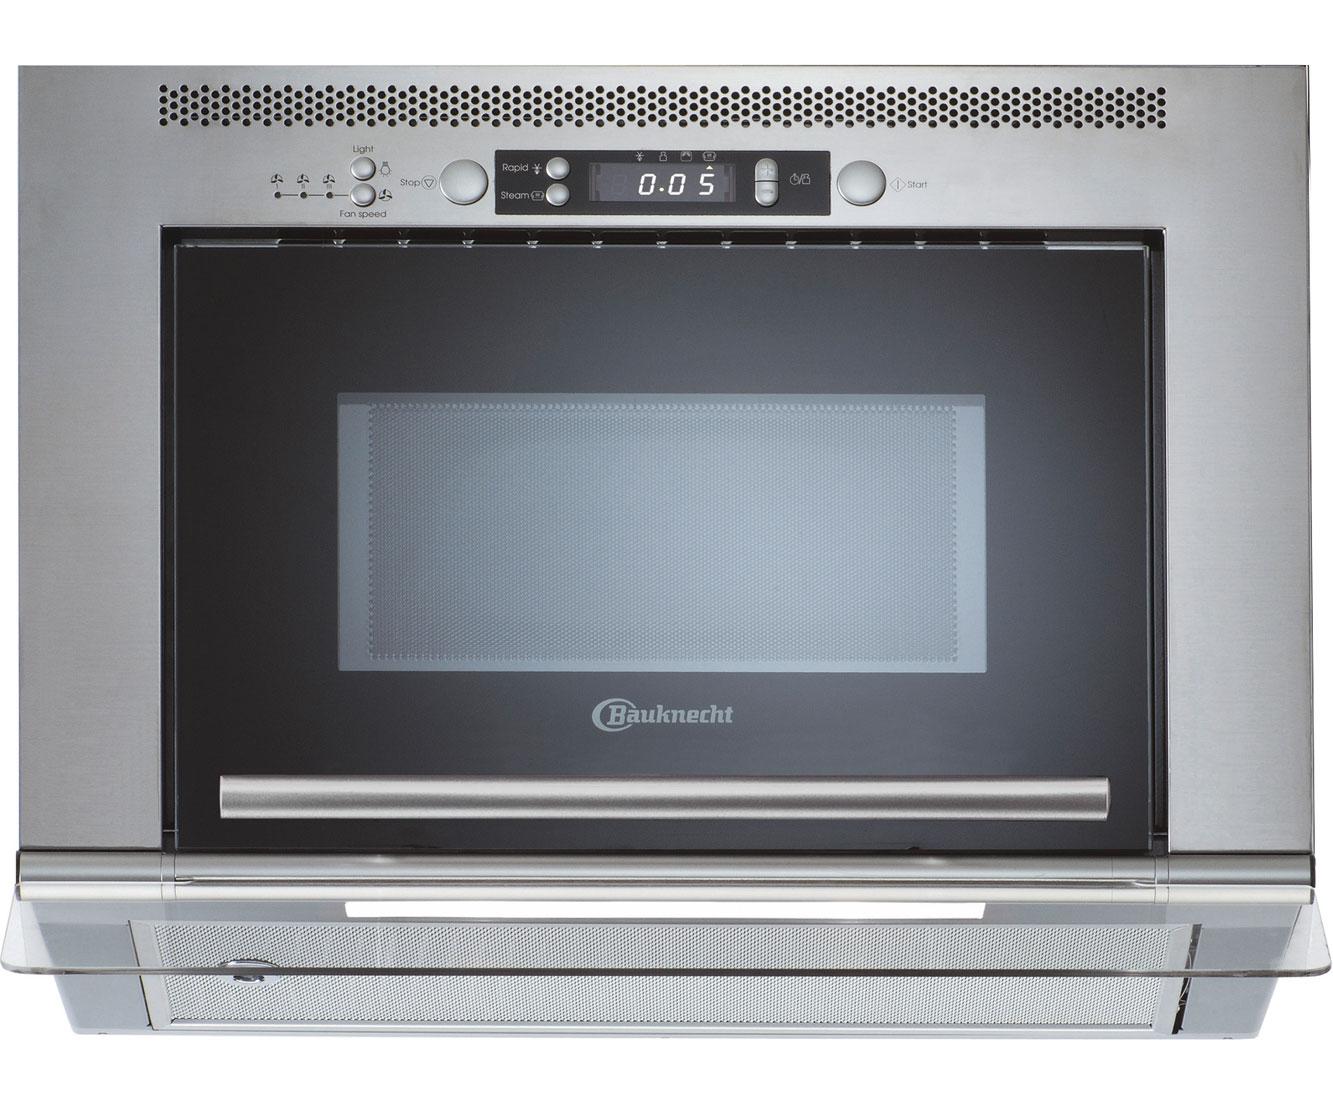 Bauknecht MHC 8812 PT Mikrowellen - Edelstahl | Küche und Esszimmer > Küchenelektrogeräte > Mikrowellen | Edelstahl | Bauknecht